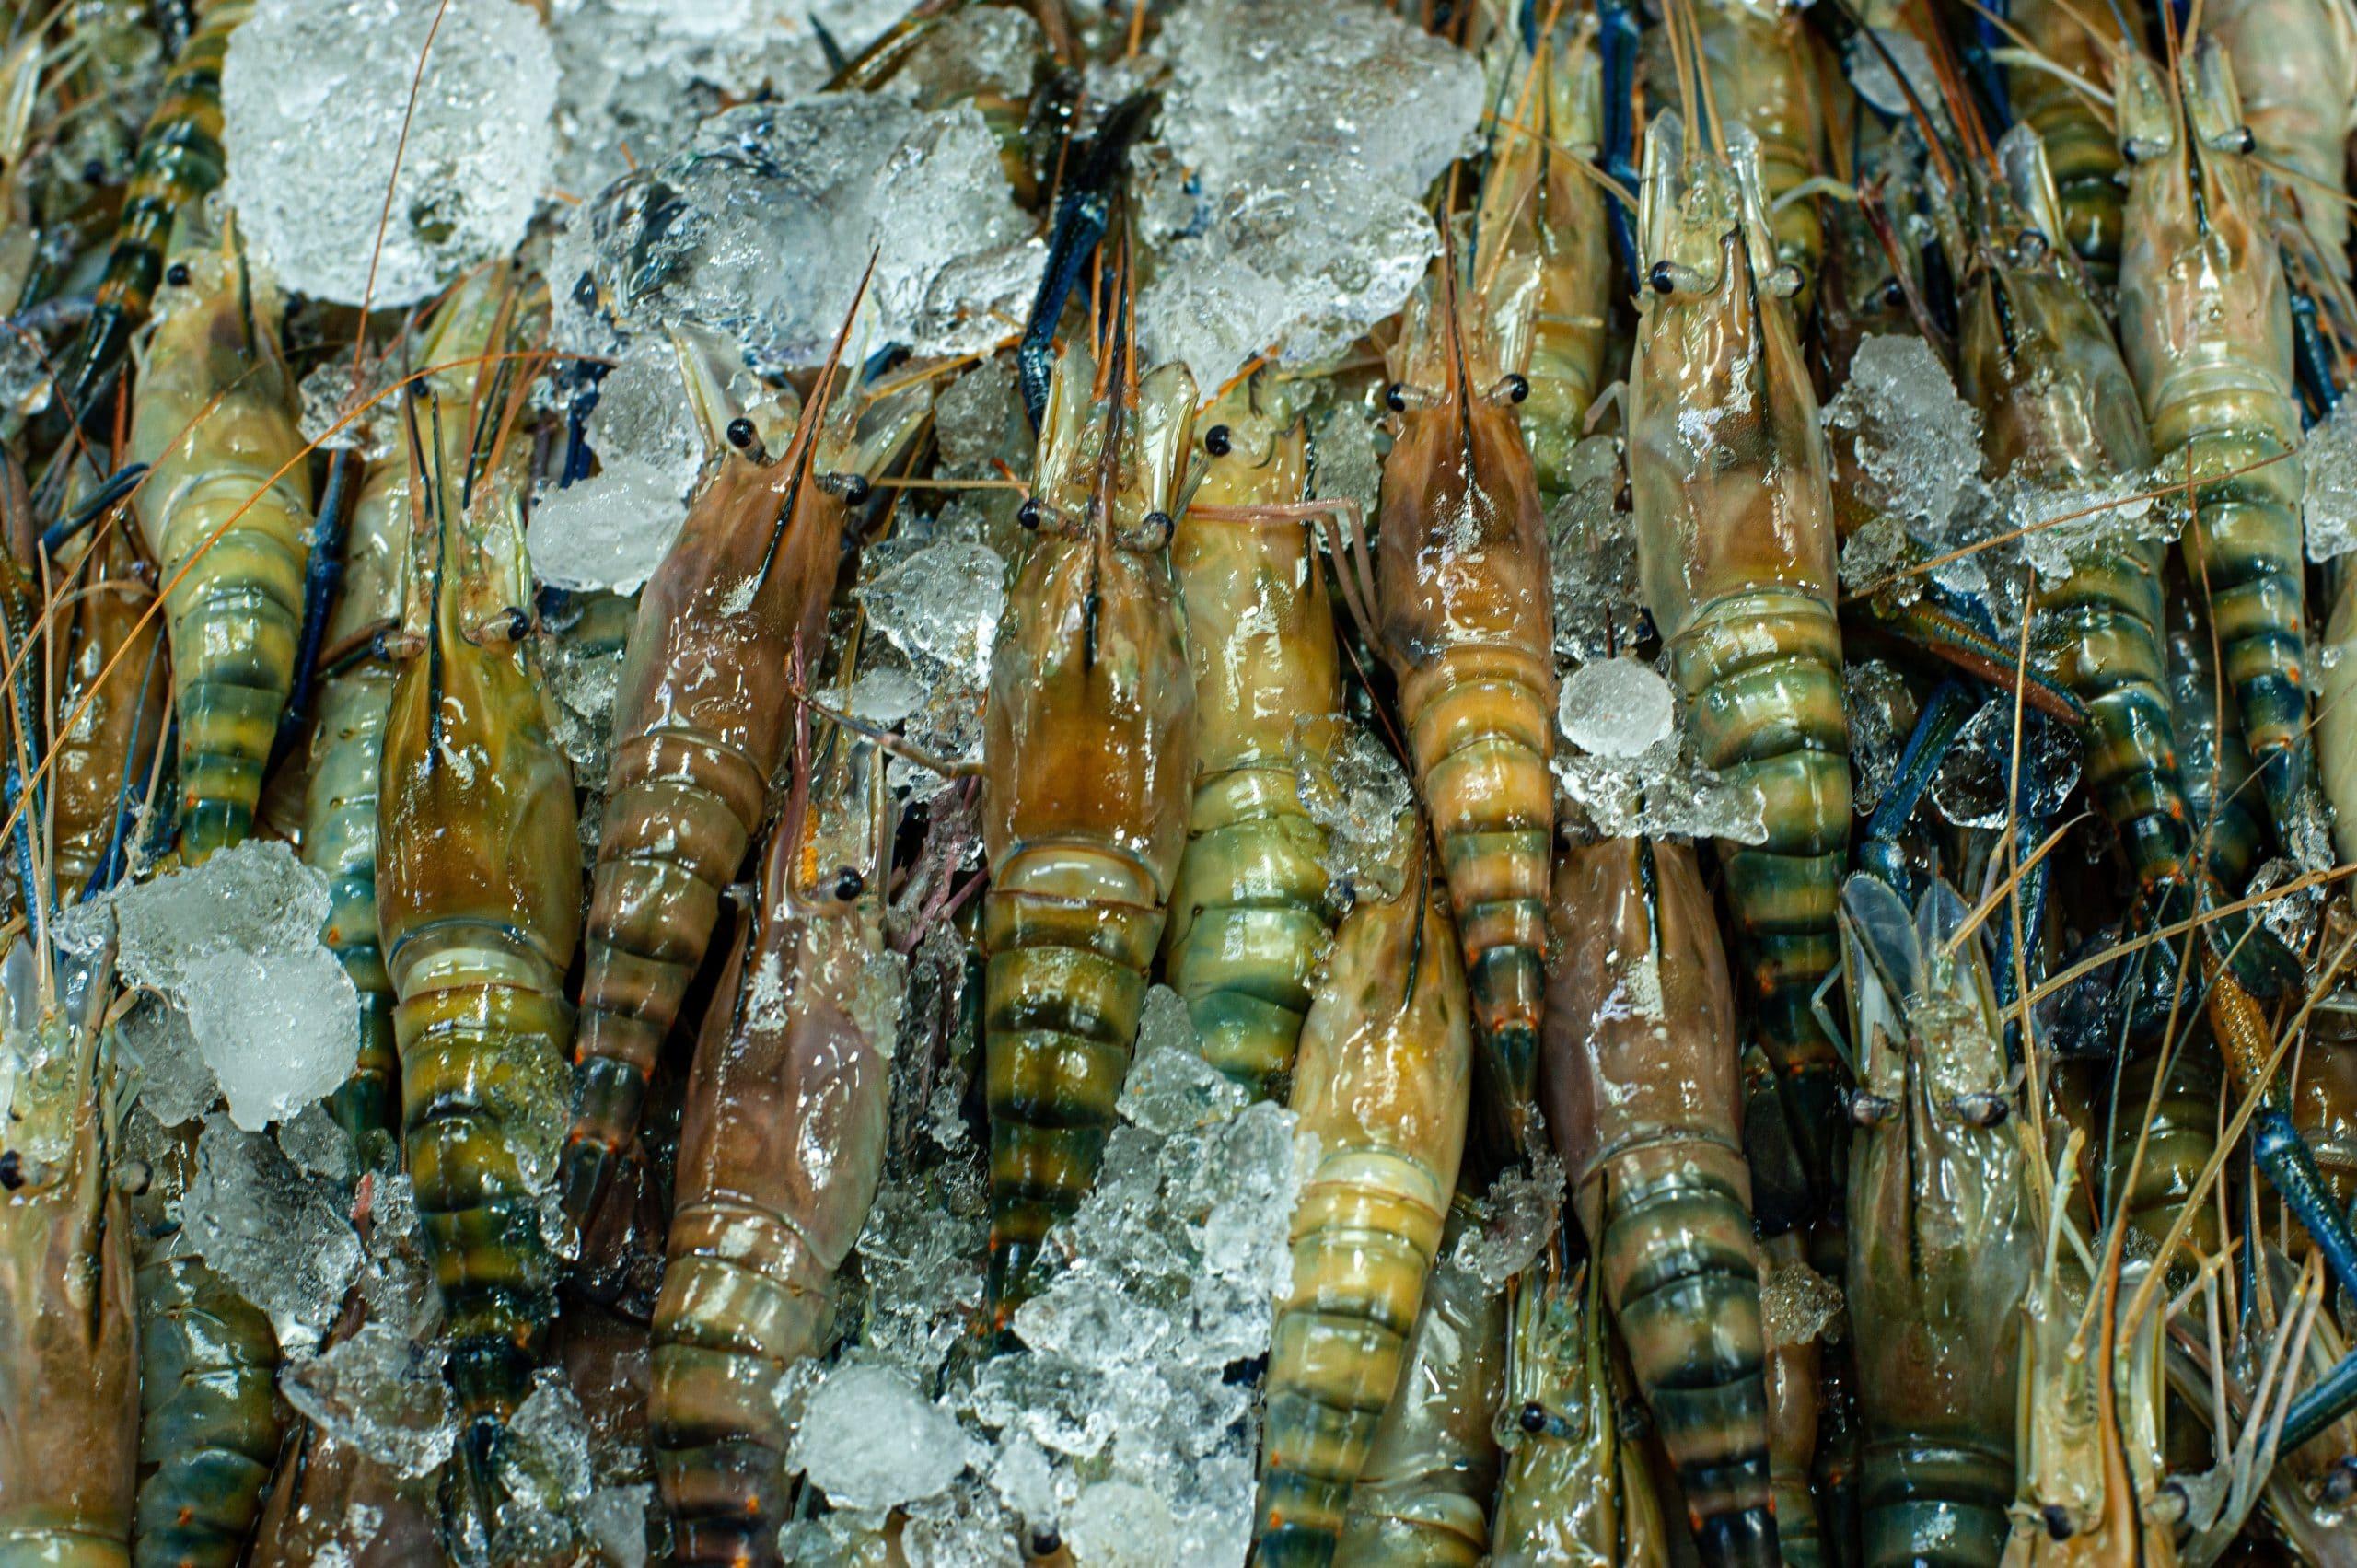 How to find freezer burn on shrimp